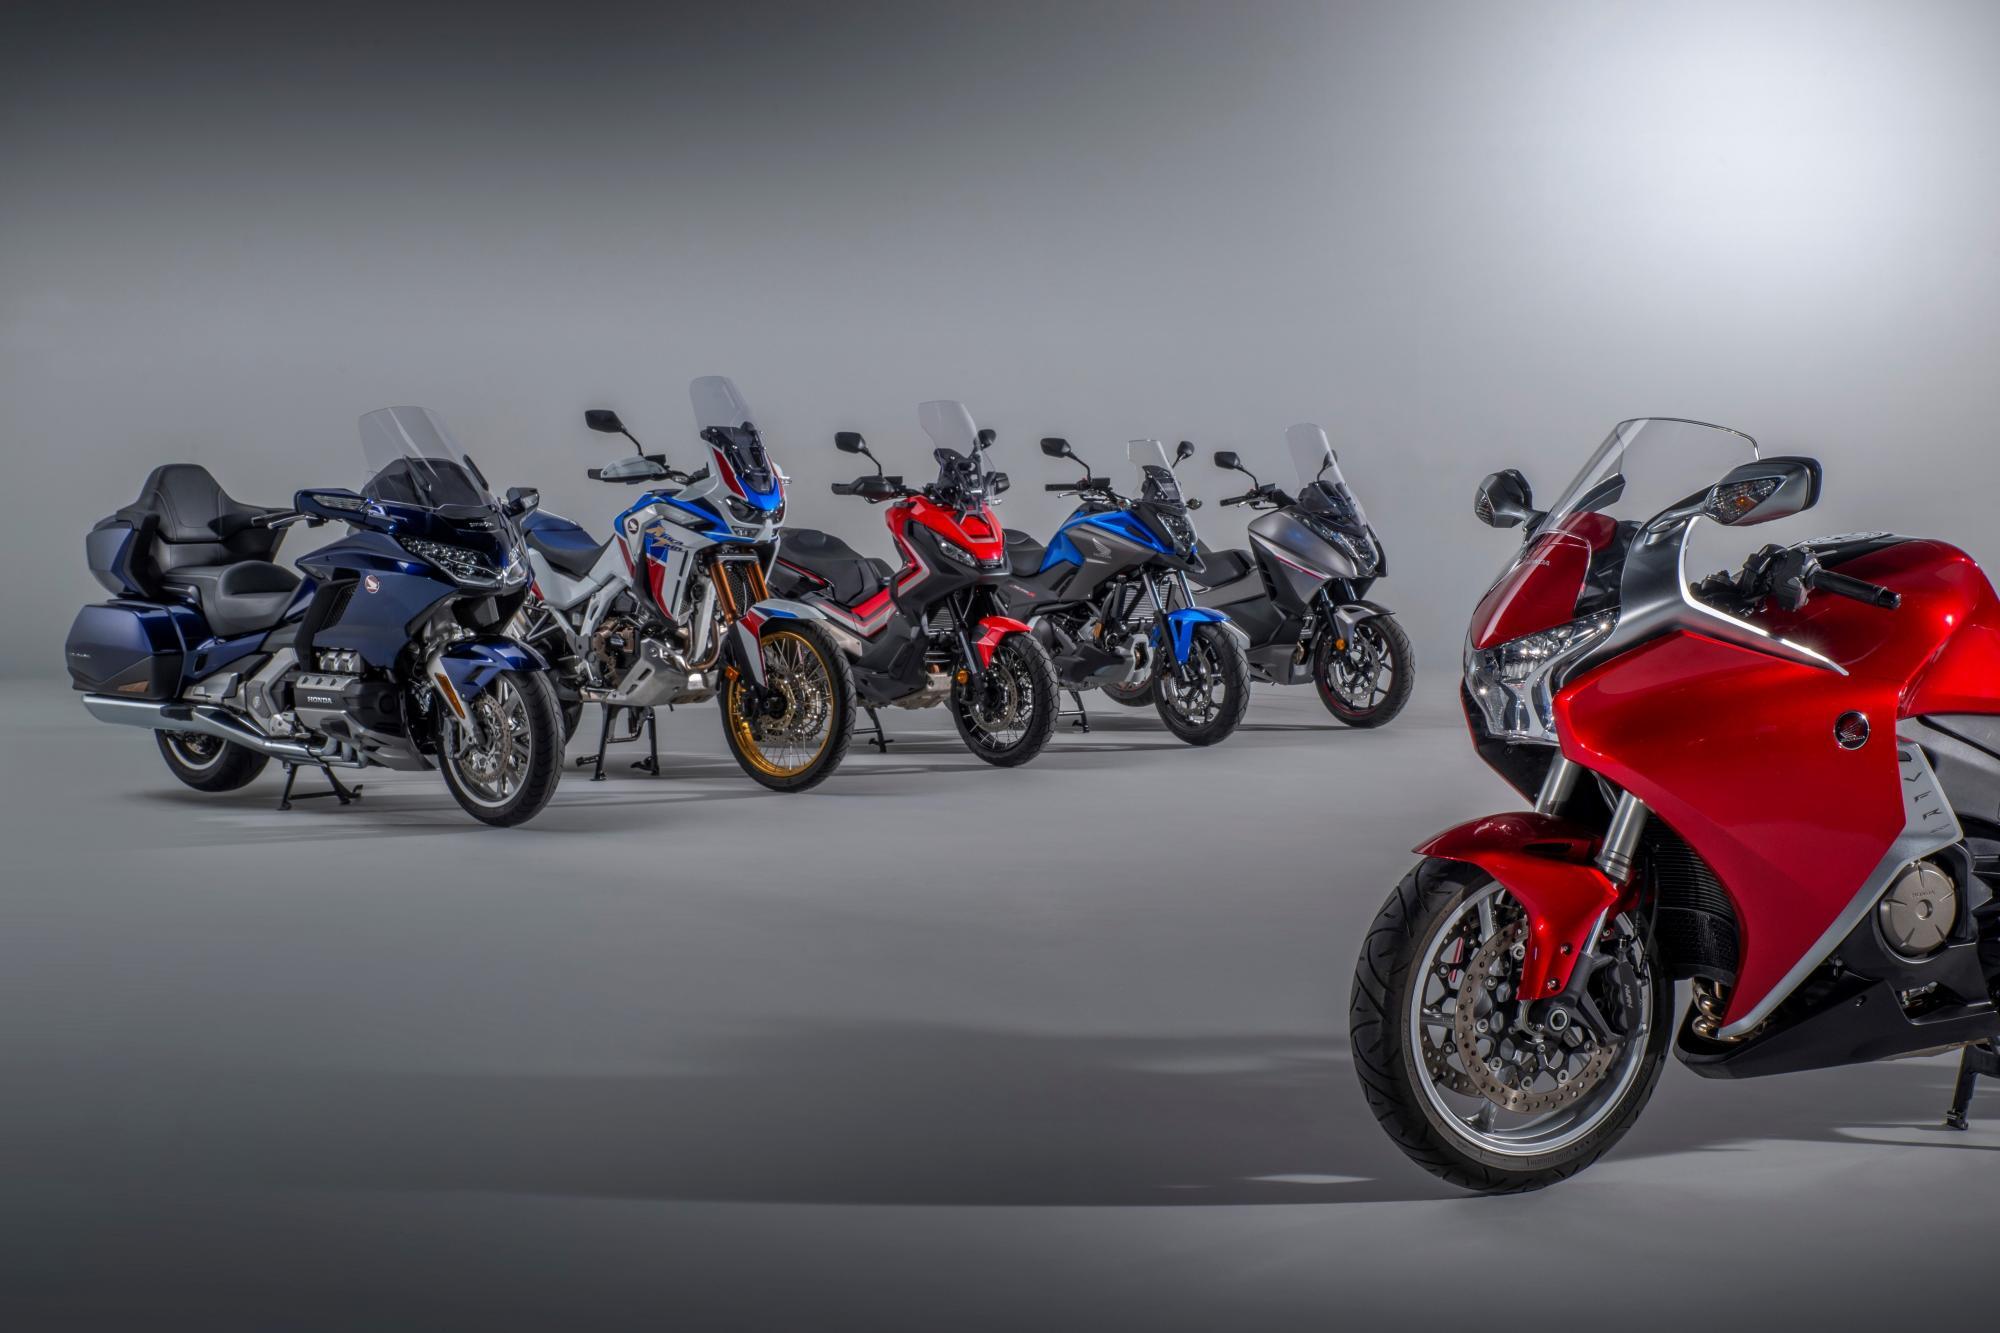 Συμπληρώνονται δέκα χρόνια για το DCT της Honda